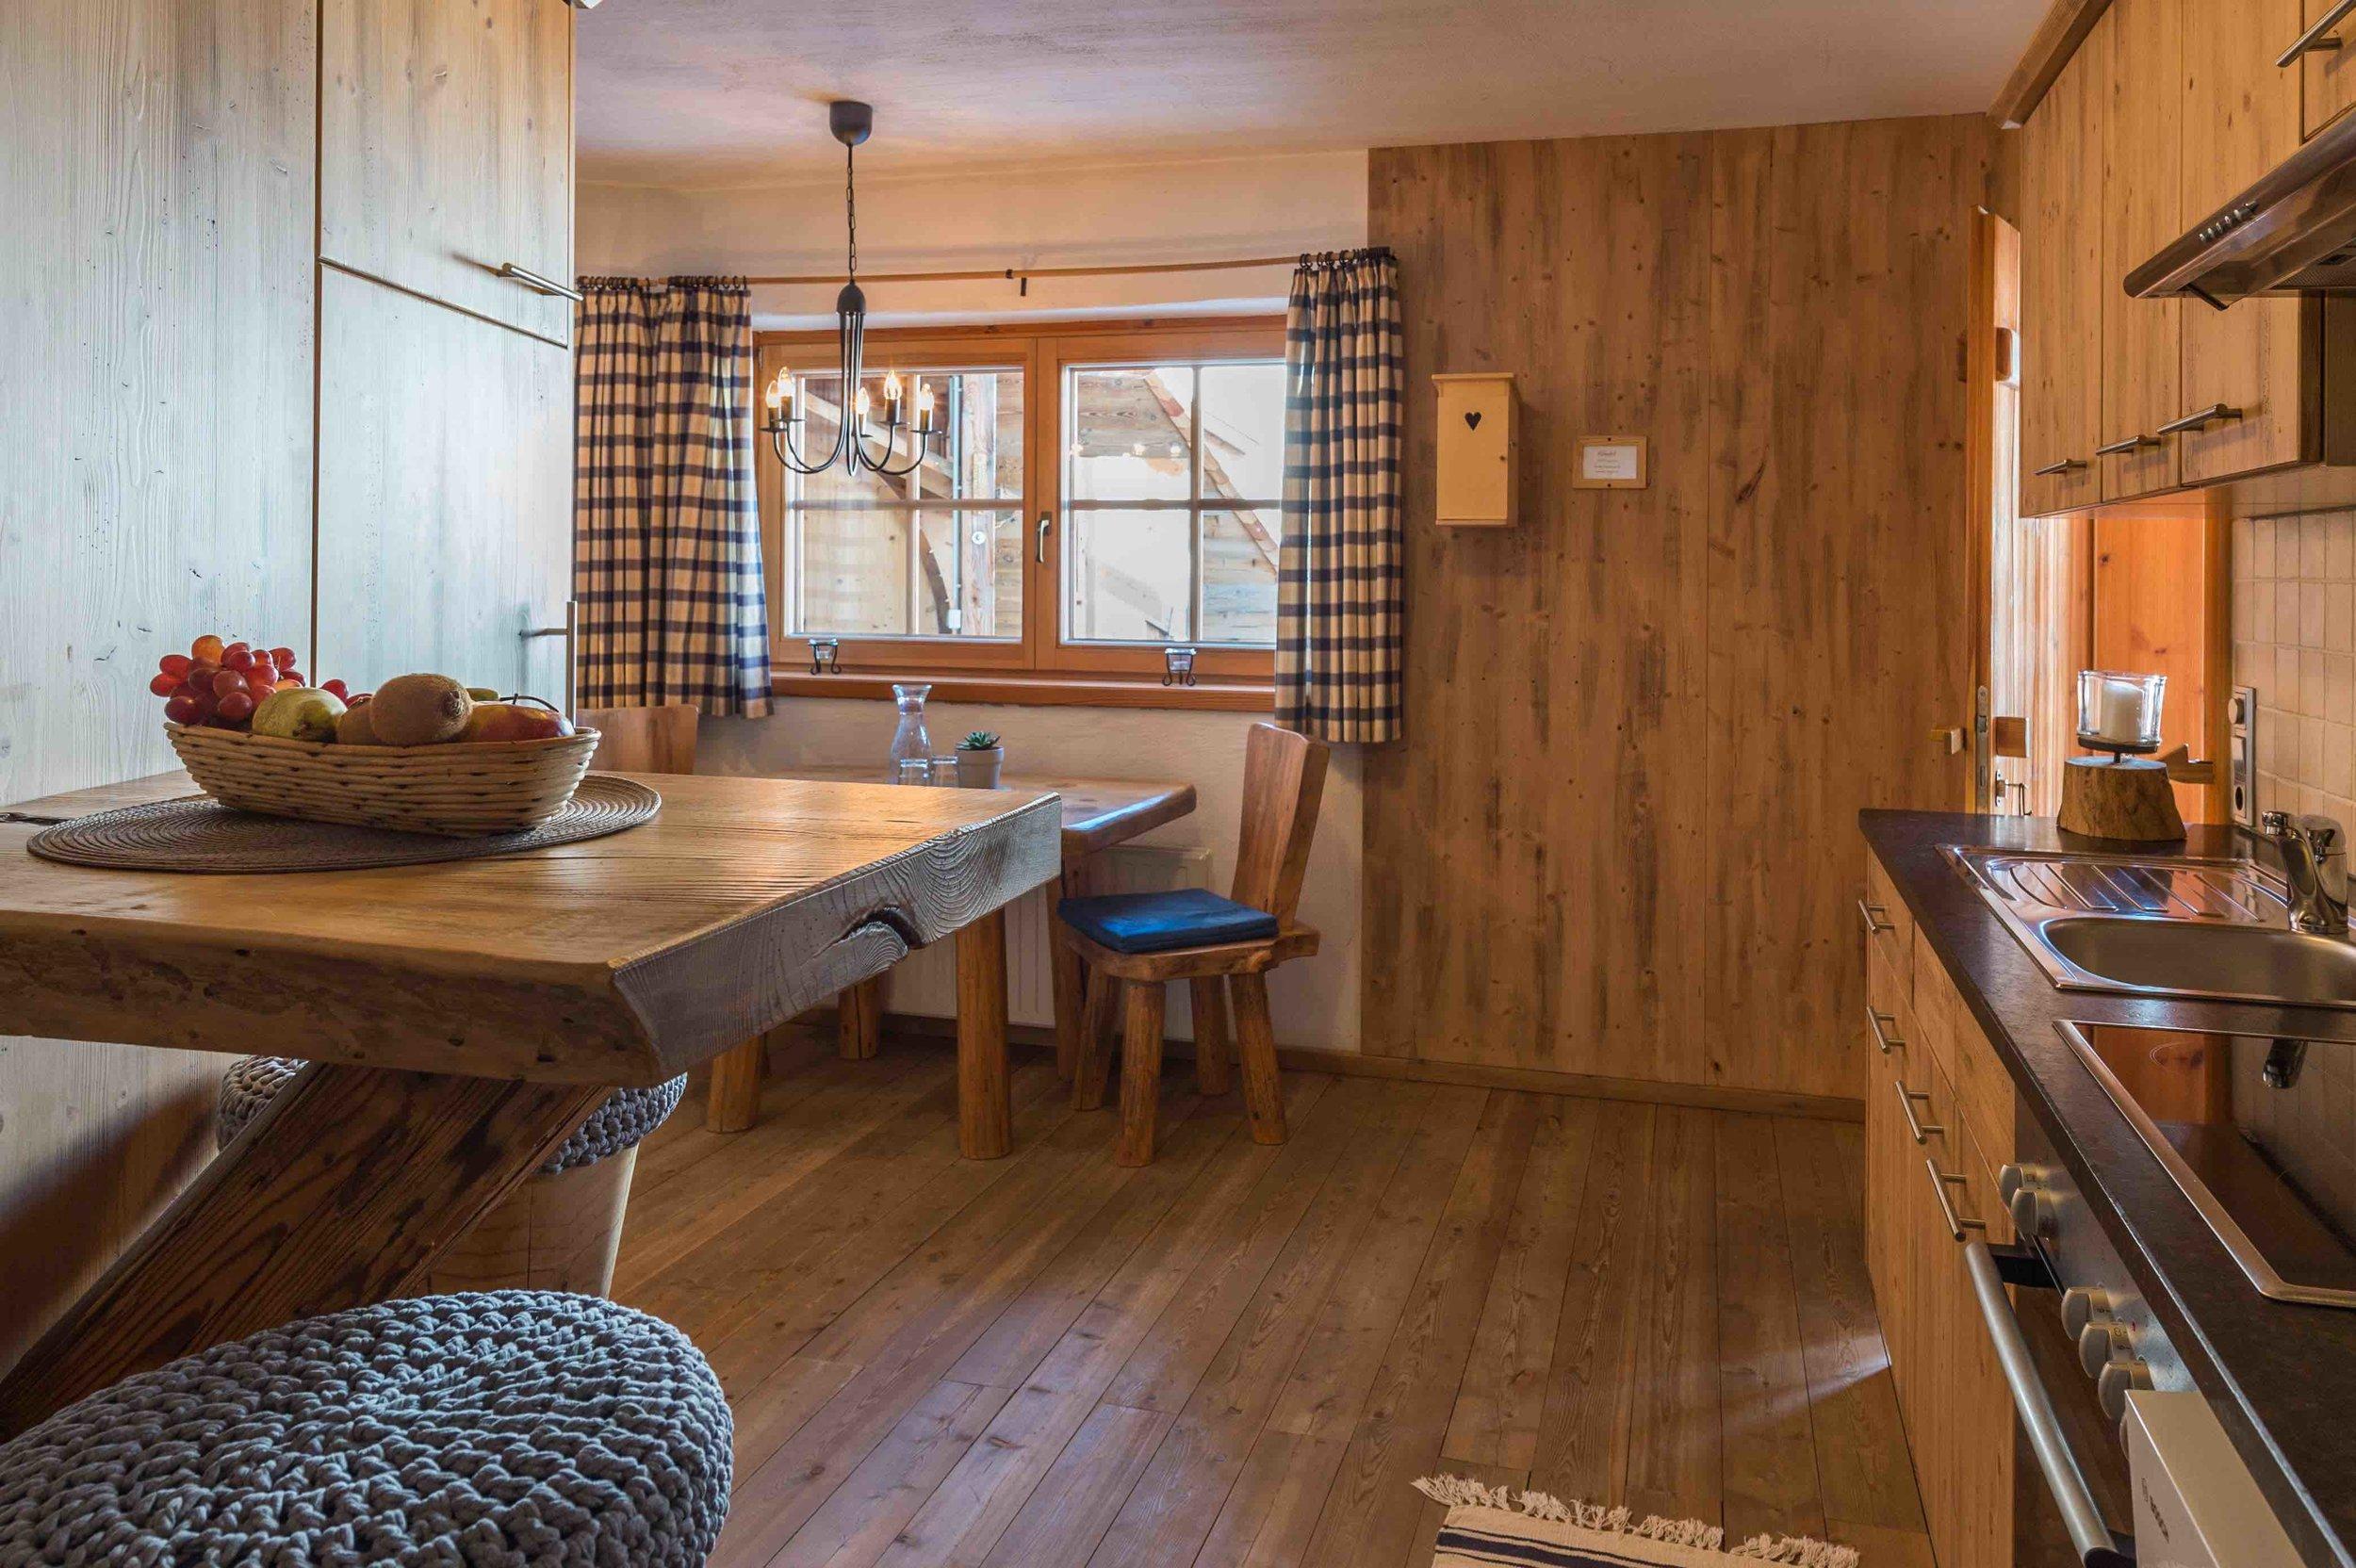 Küche voll ausgestattet mit gemütlichem Esstisch